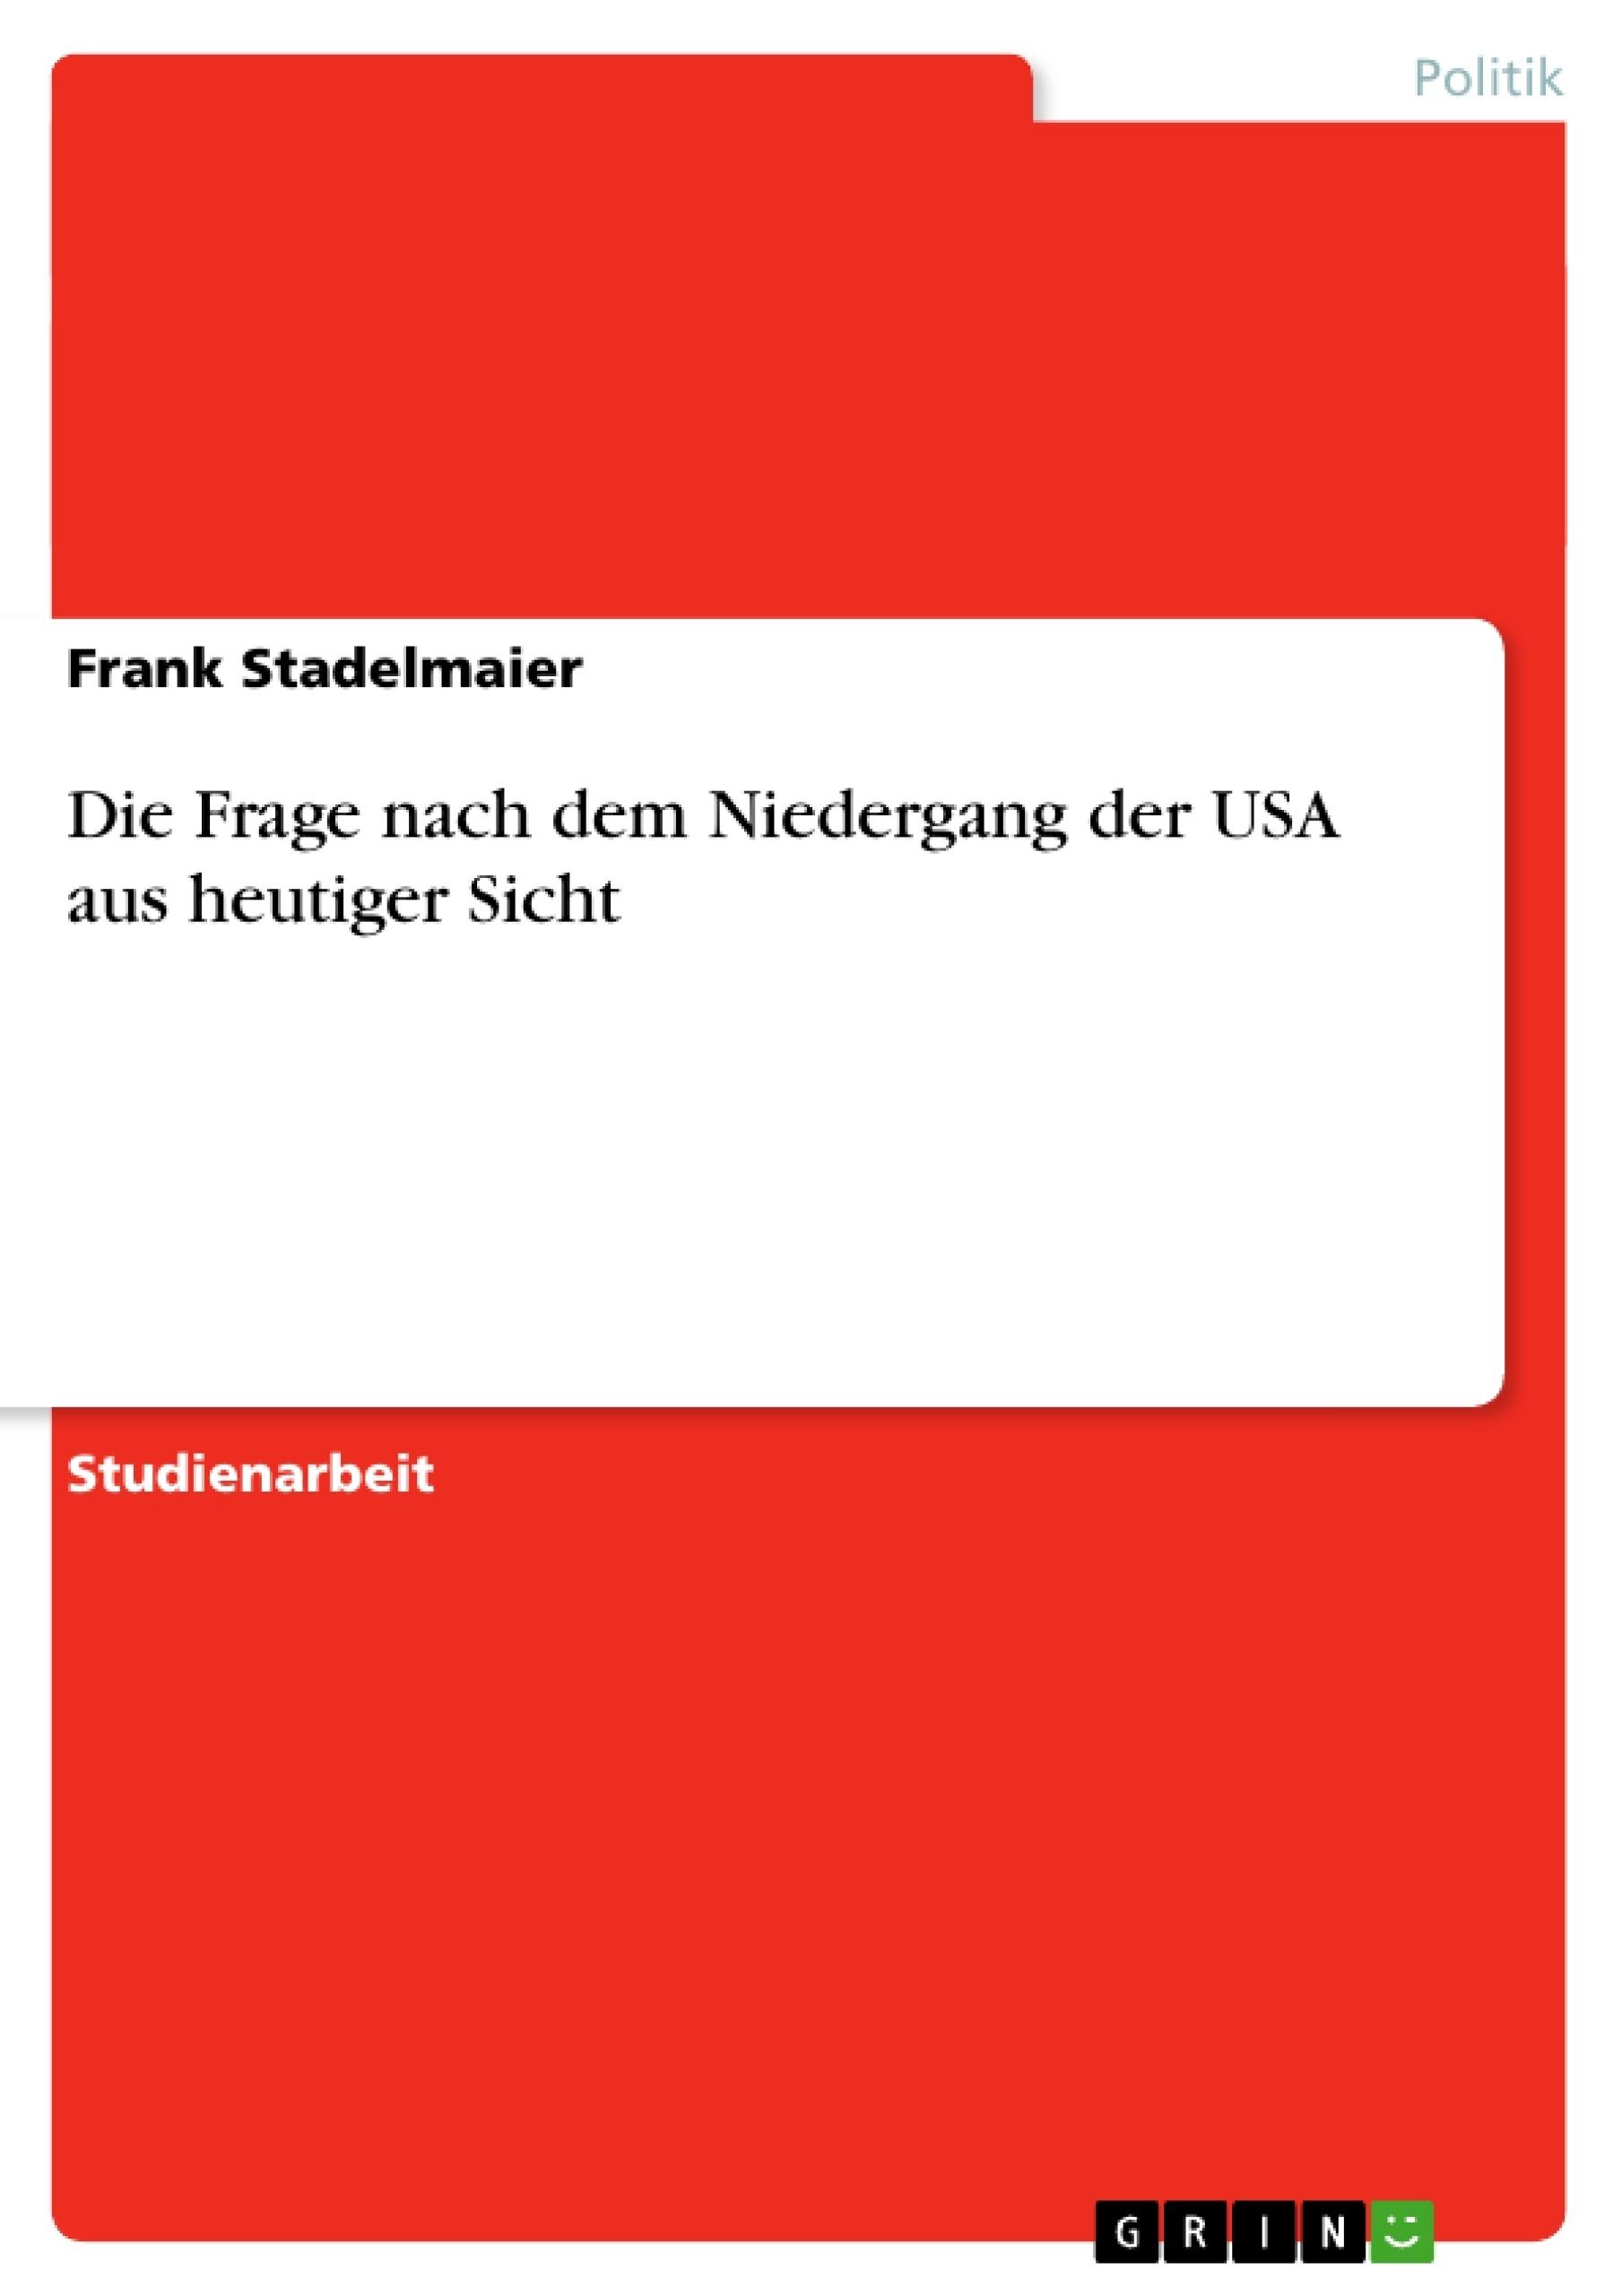 Titel: Die Frage nach dem Niedergang der USA aus heutiger Sicht